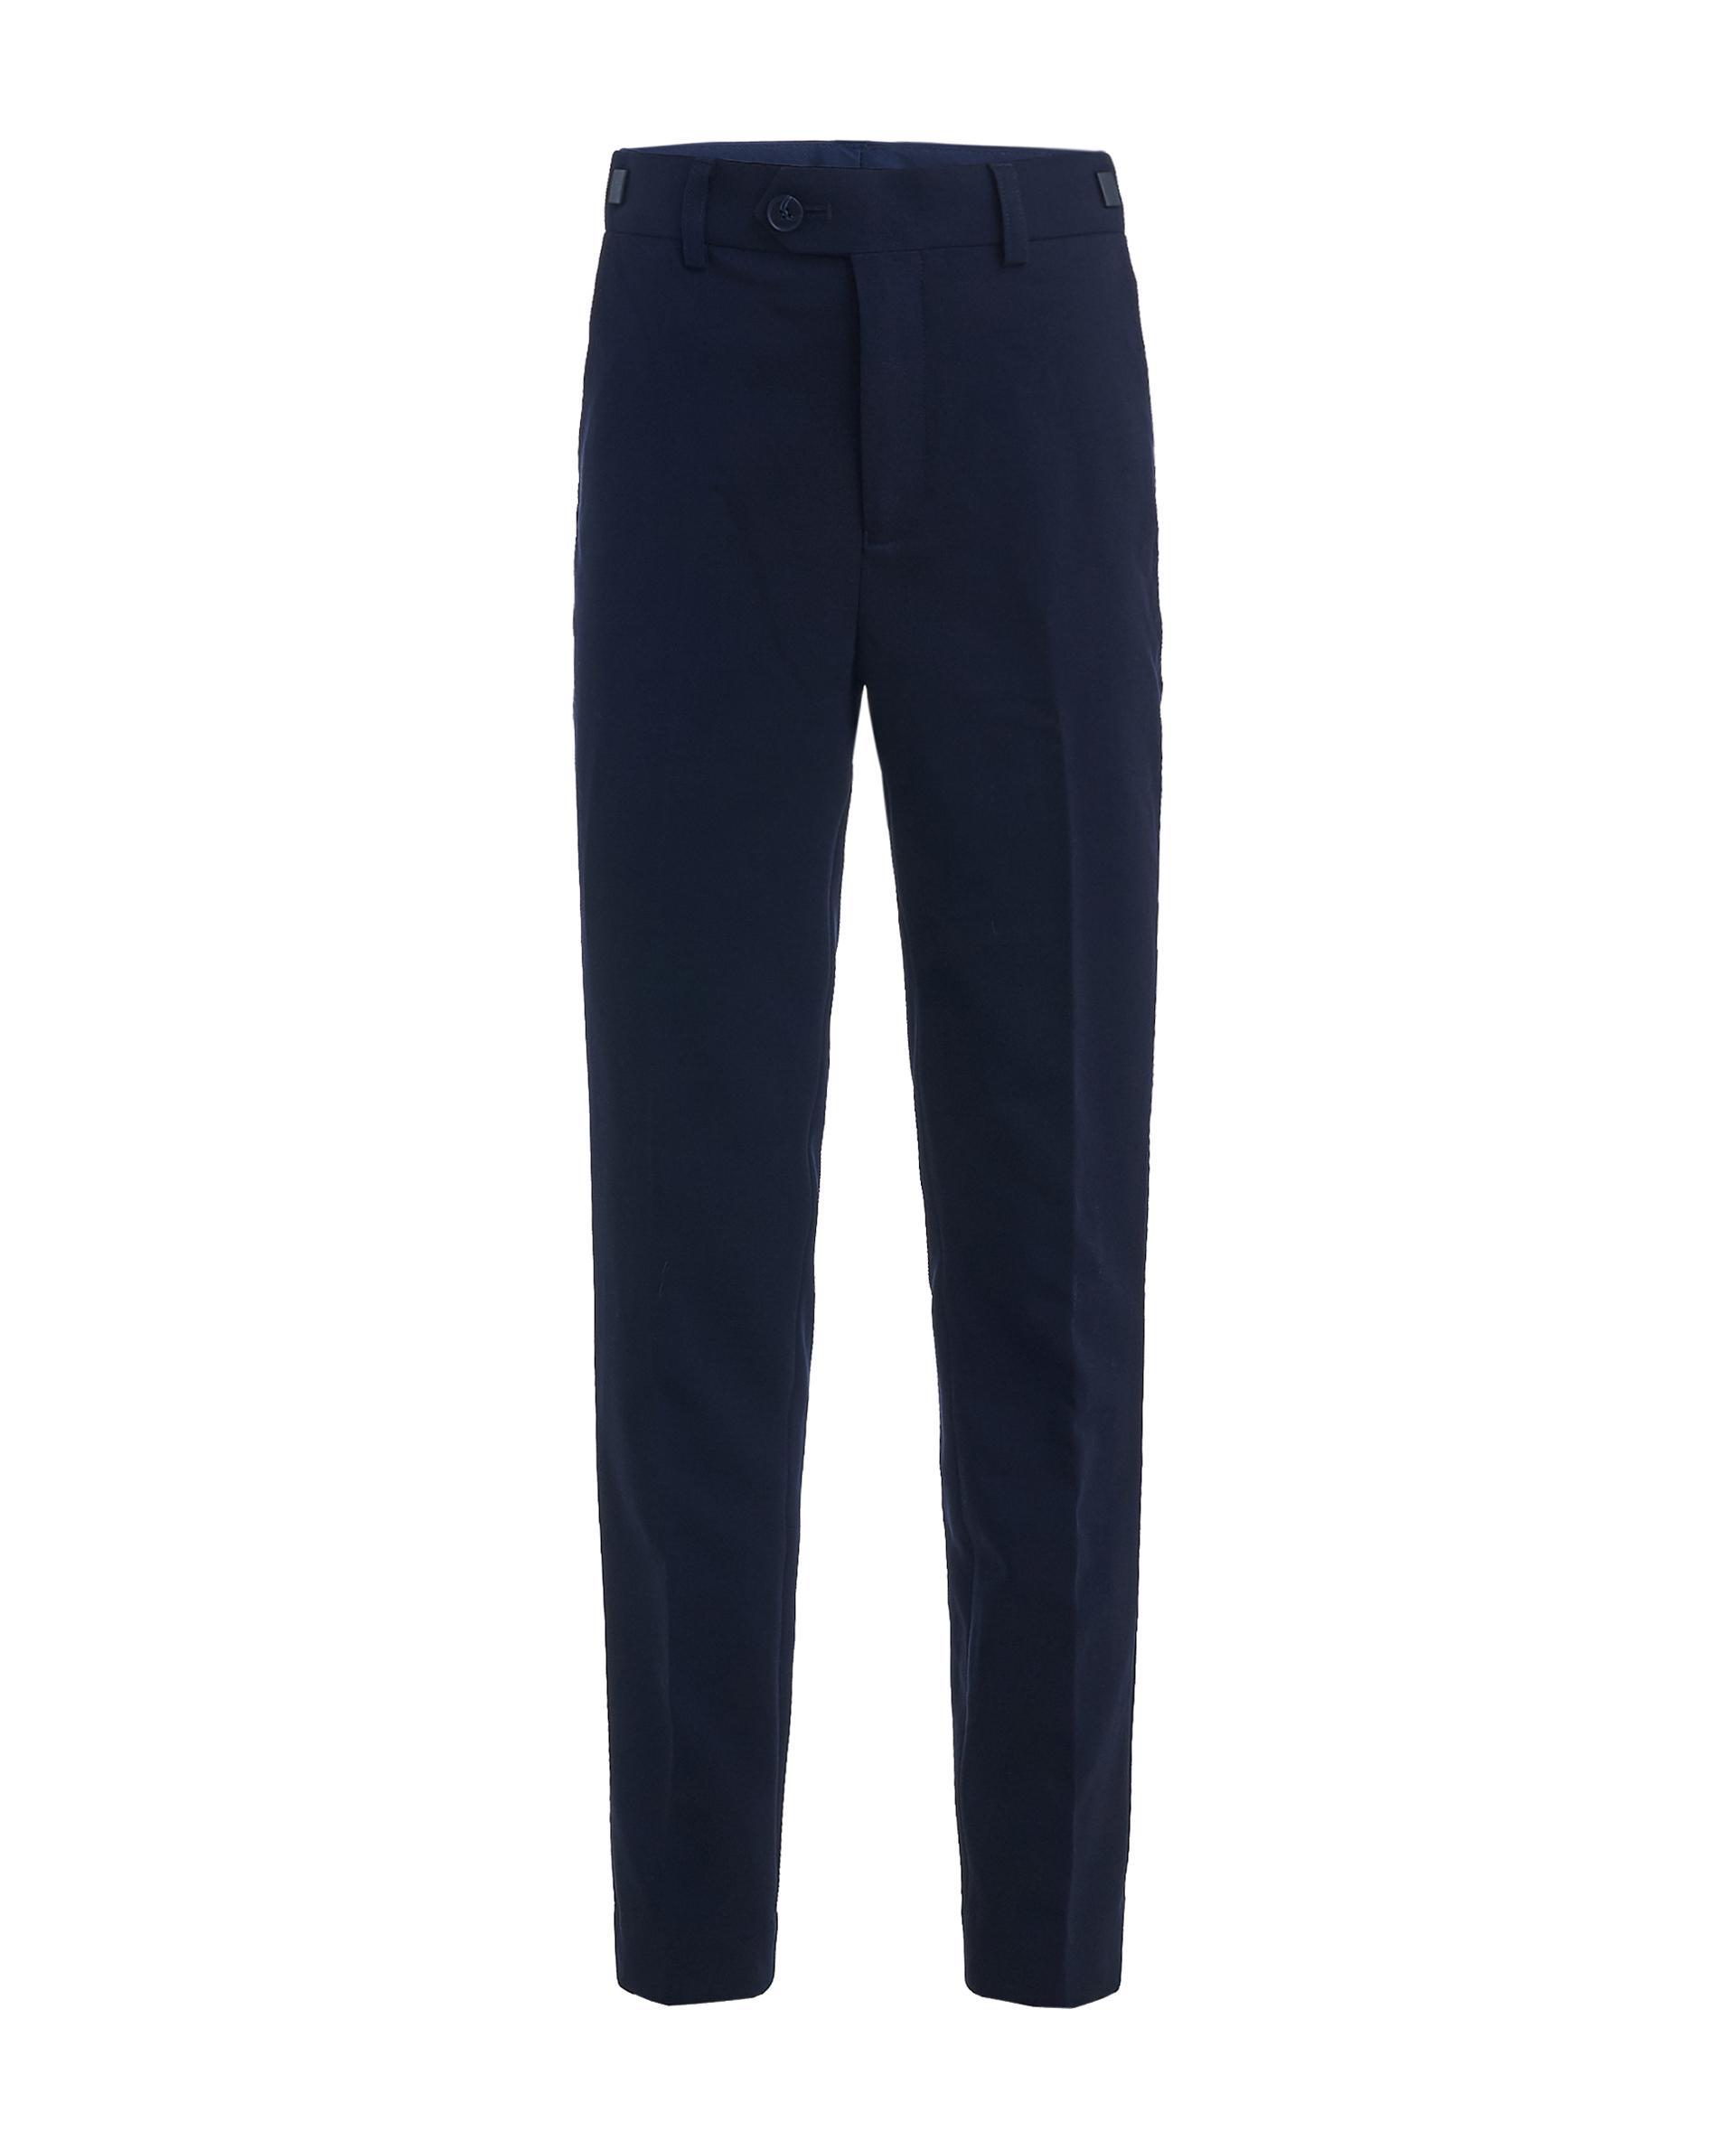 Купить 219GSBC6306, Синие брюки Gulliver, синий, 122, Мужской, ШКОЛЬНАЯ ФОРМА 2019-2020 (shop: GulliverMarket Gulliver Market)